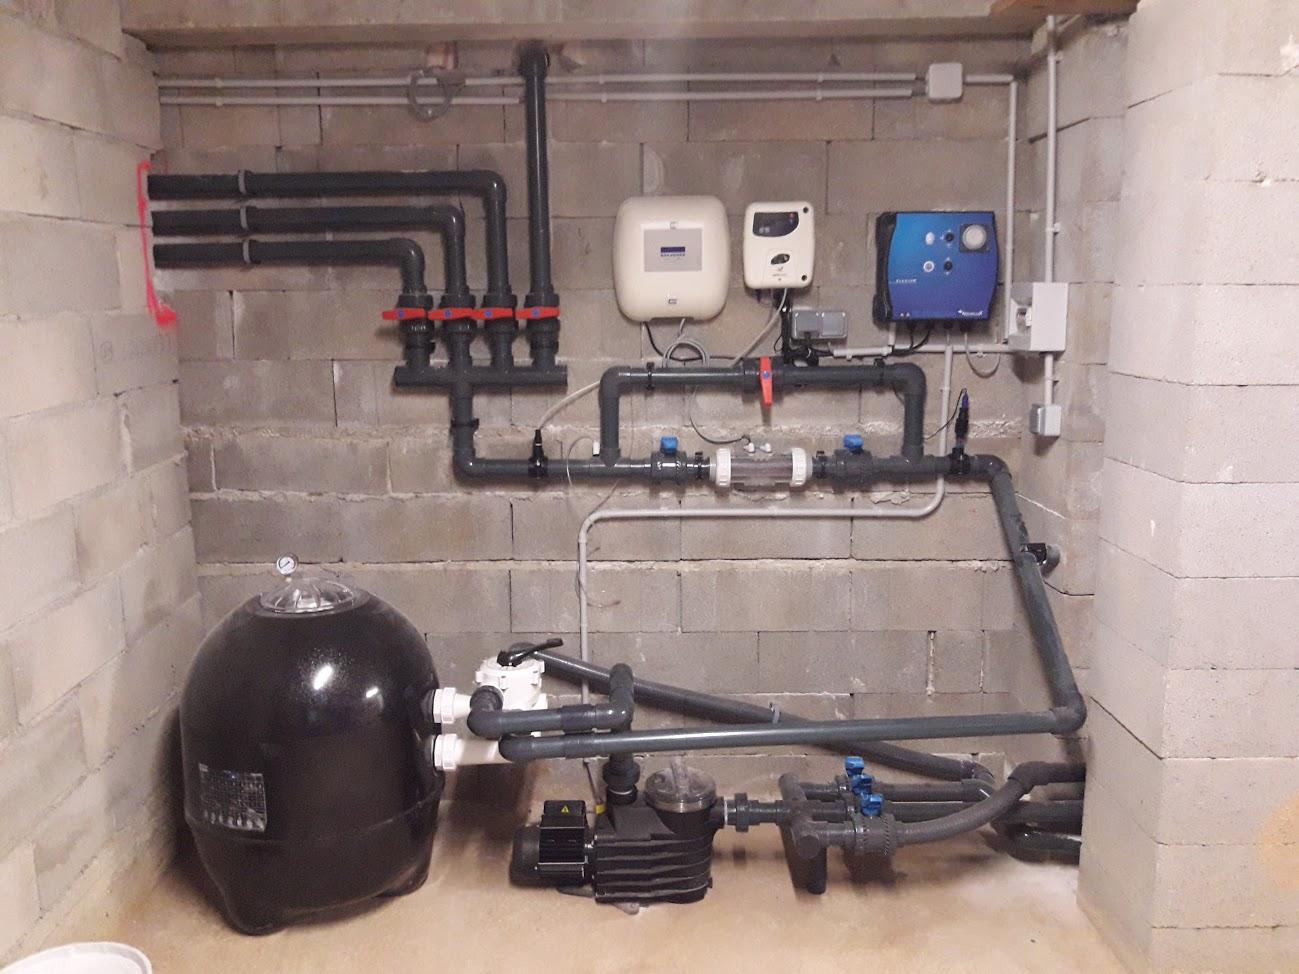 Racordement-du-système-filtration-pour-piscine-à-débordement Pompes de piscine